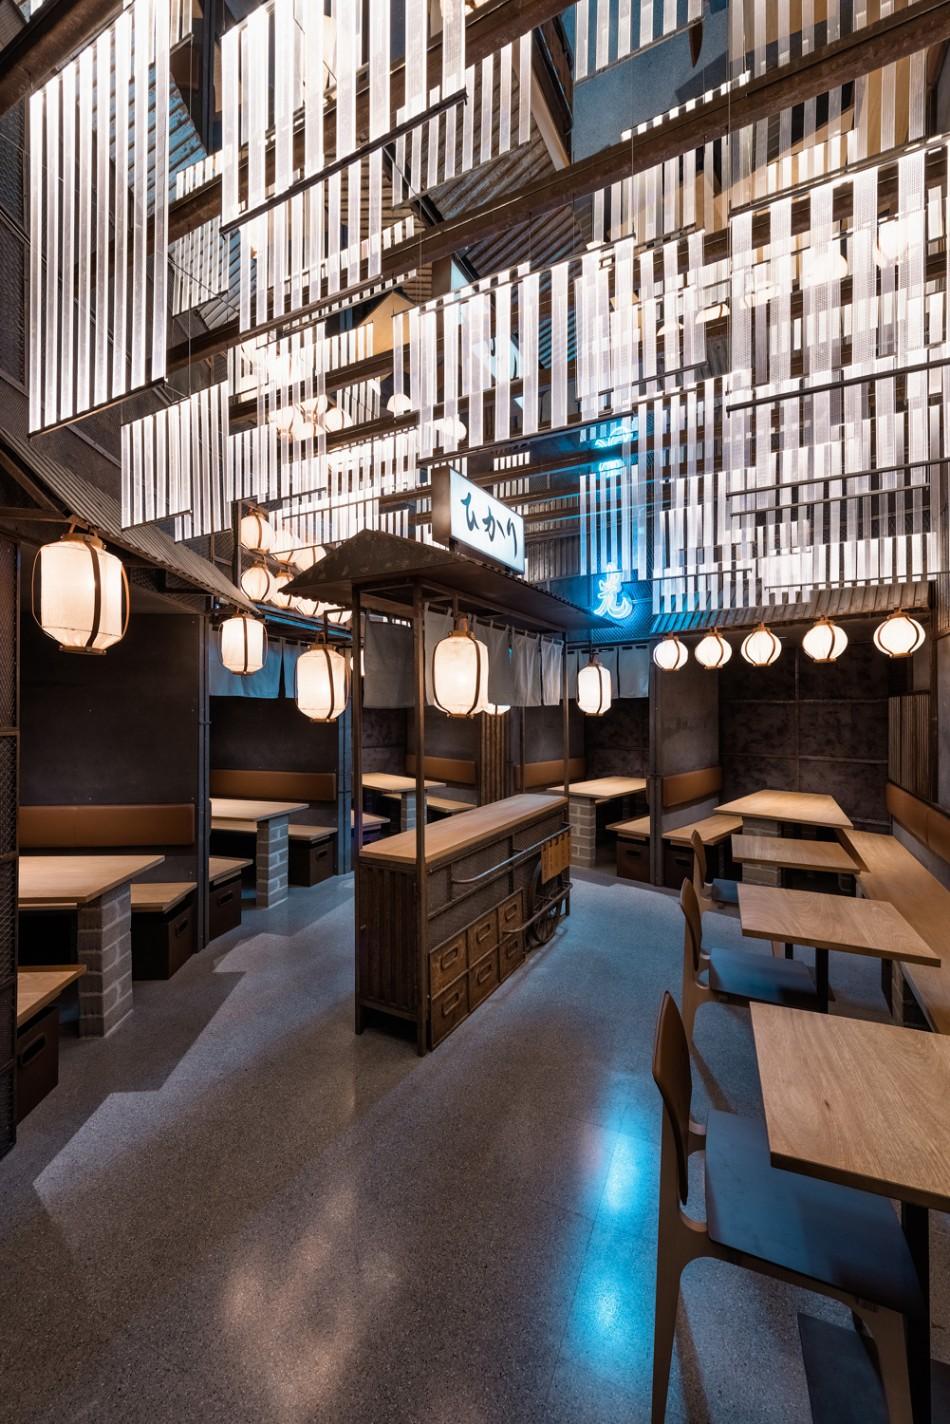 interior designers Interior designers Coveted Magazine: Top 100 Interior Designers | Spain mmmmmmmmmmmmm